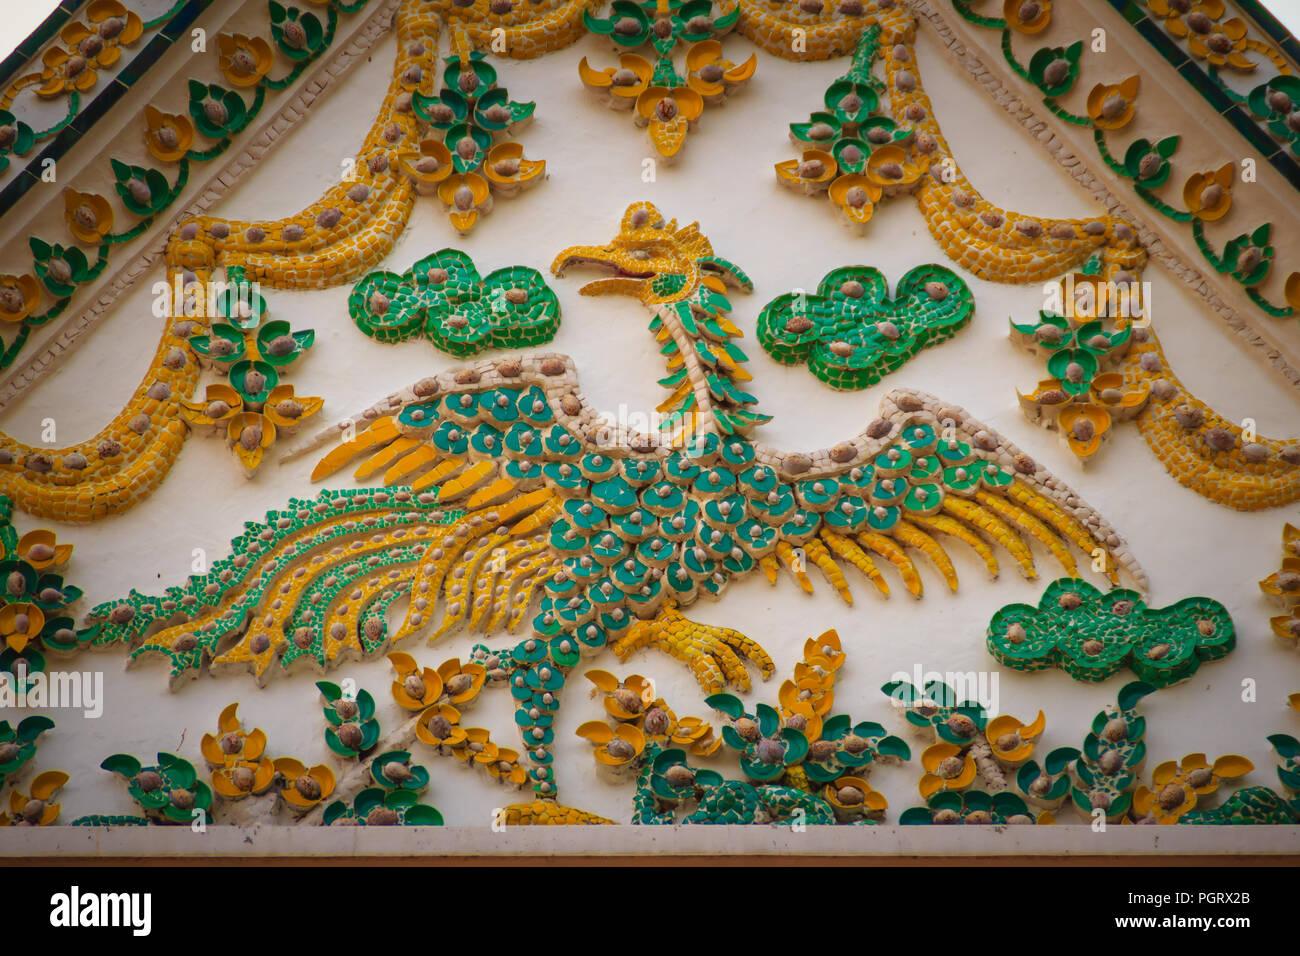 Misto di design elegante madreperla conchiglia mosaico murale